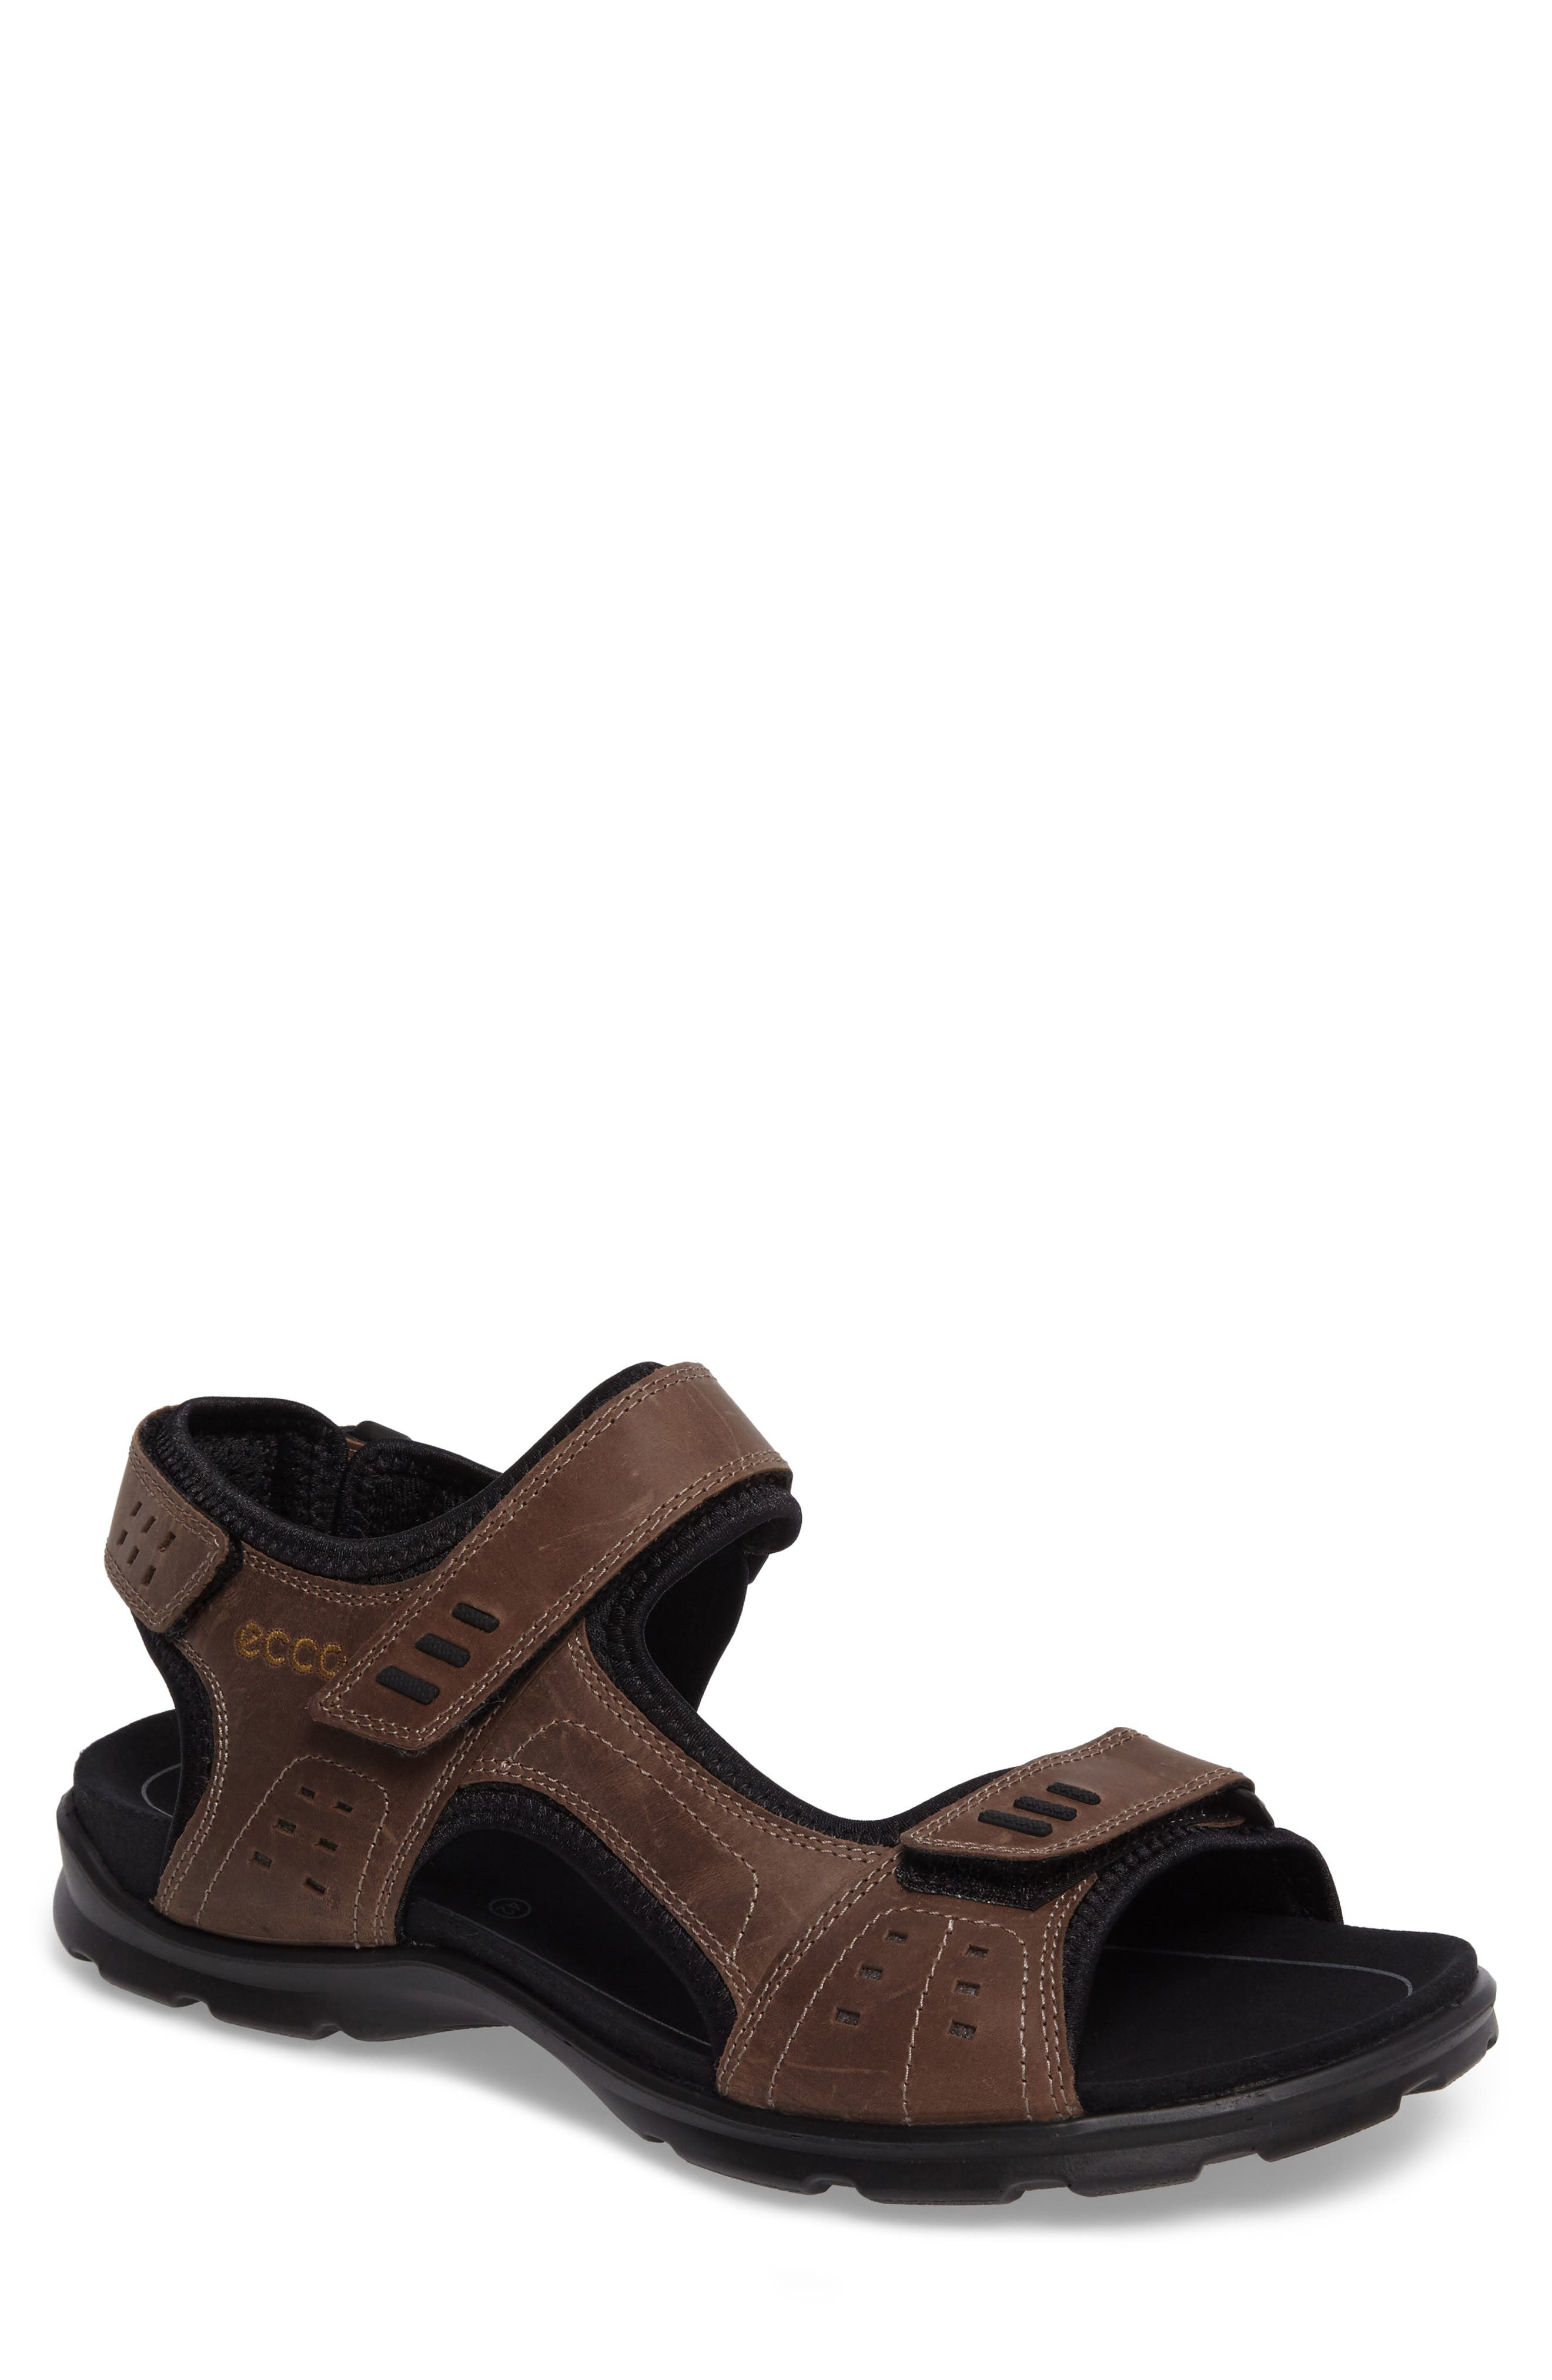 Utah Sandal, Main, color, 217